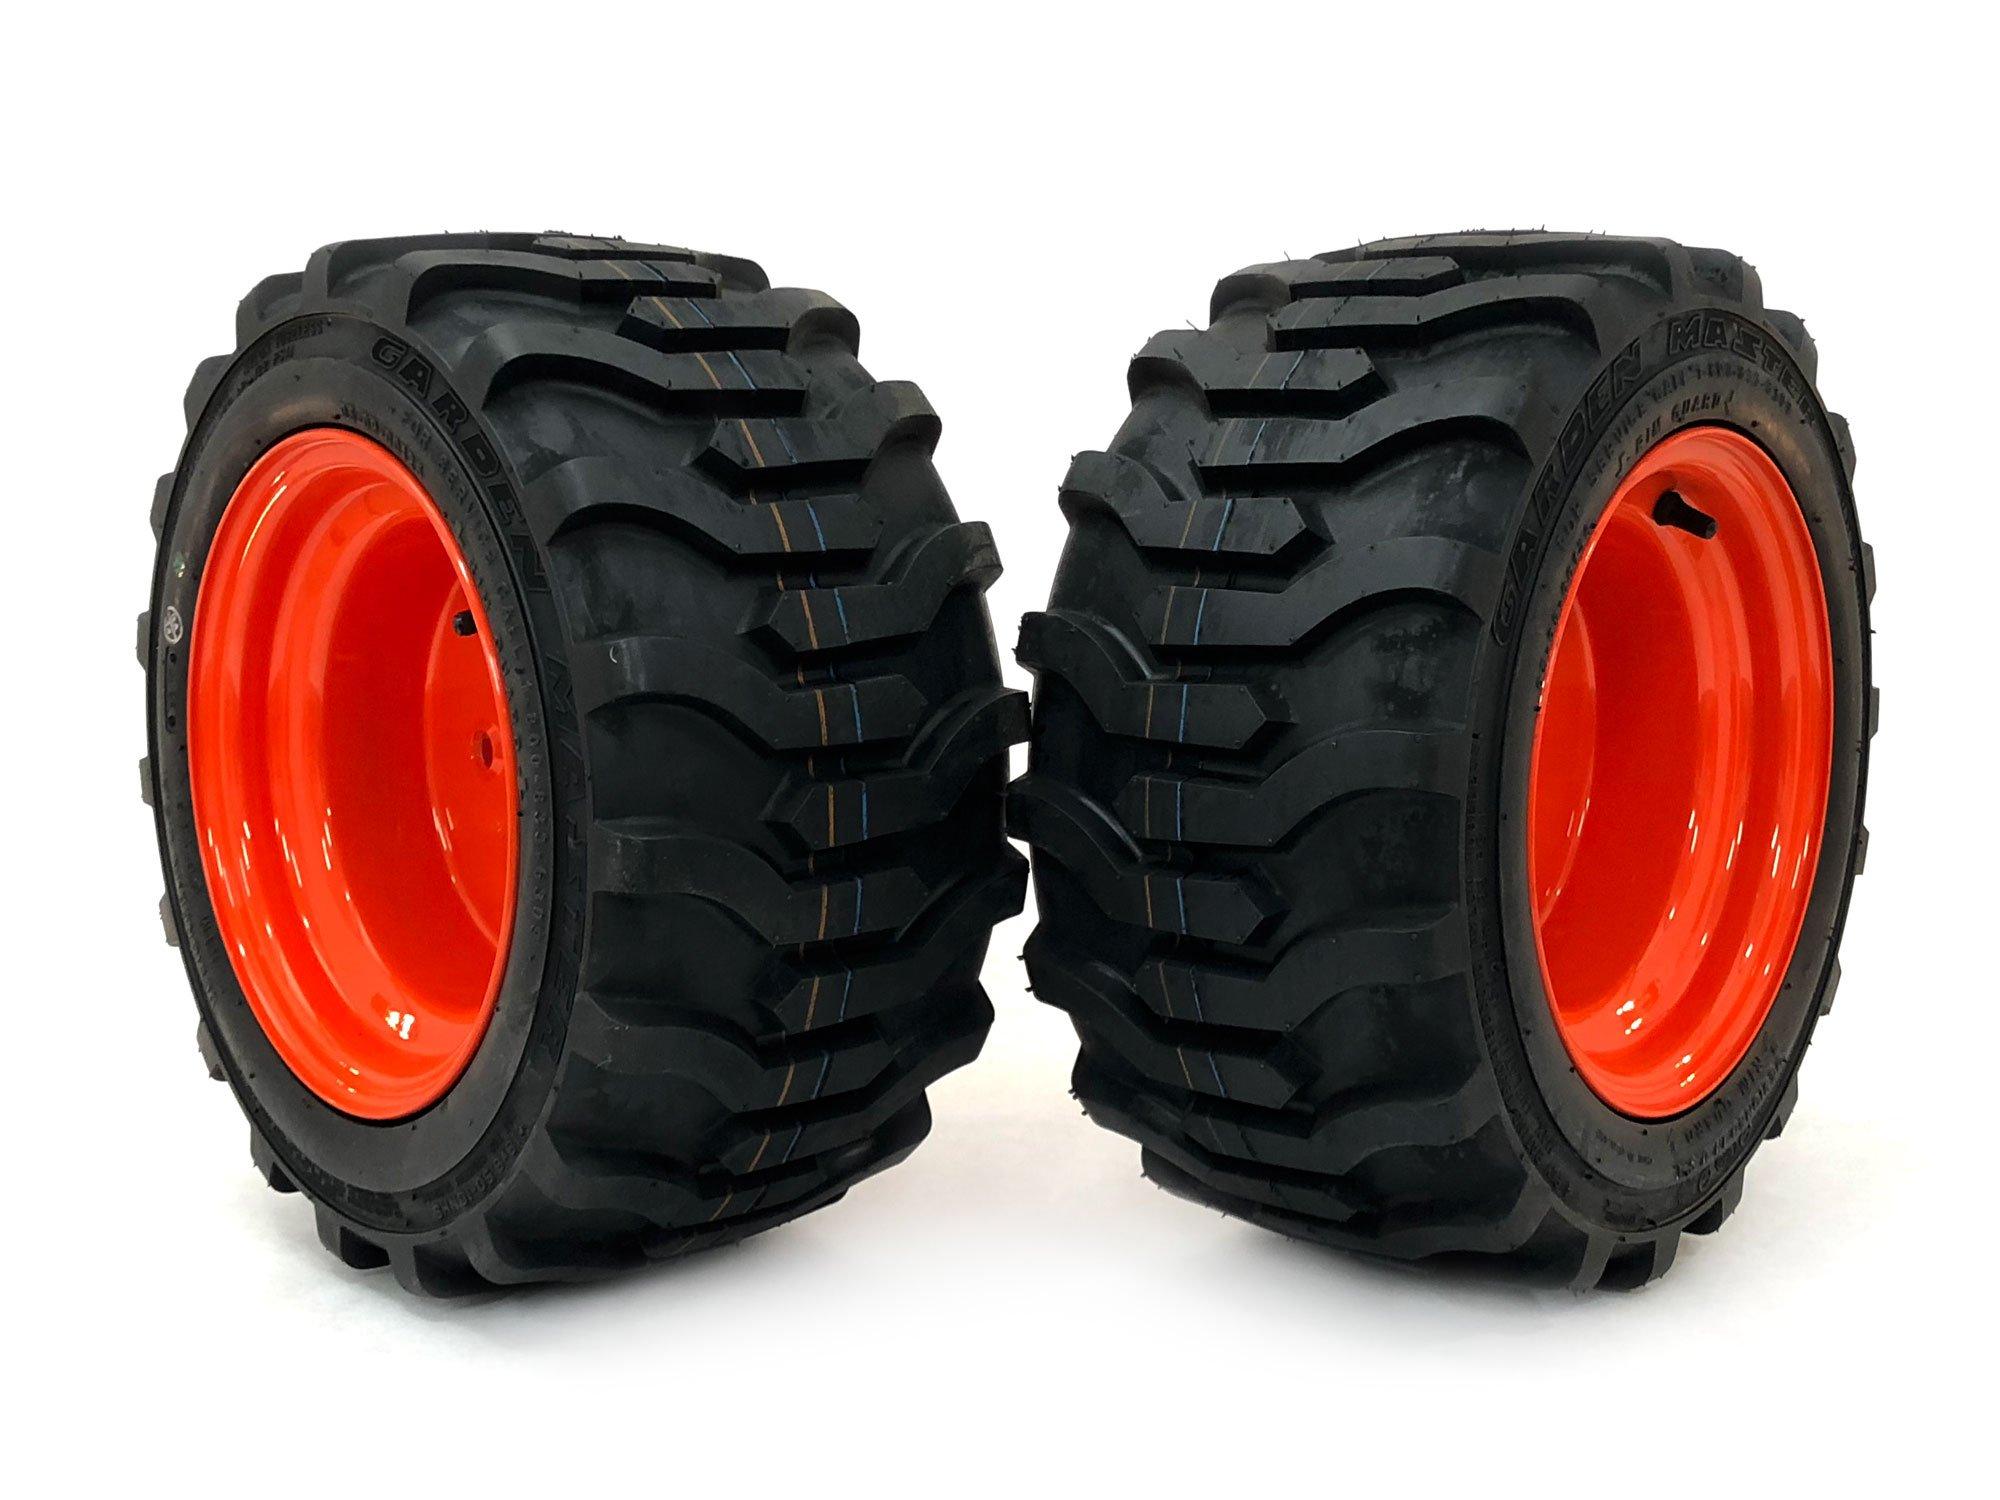 MowerPartsGroup (2) Kubota Front Wheel Assemblies 18x8.50-10 Fits BX2350D BX2360 BX2370 BX2380